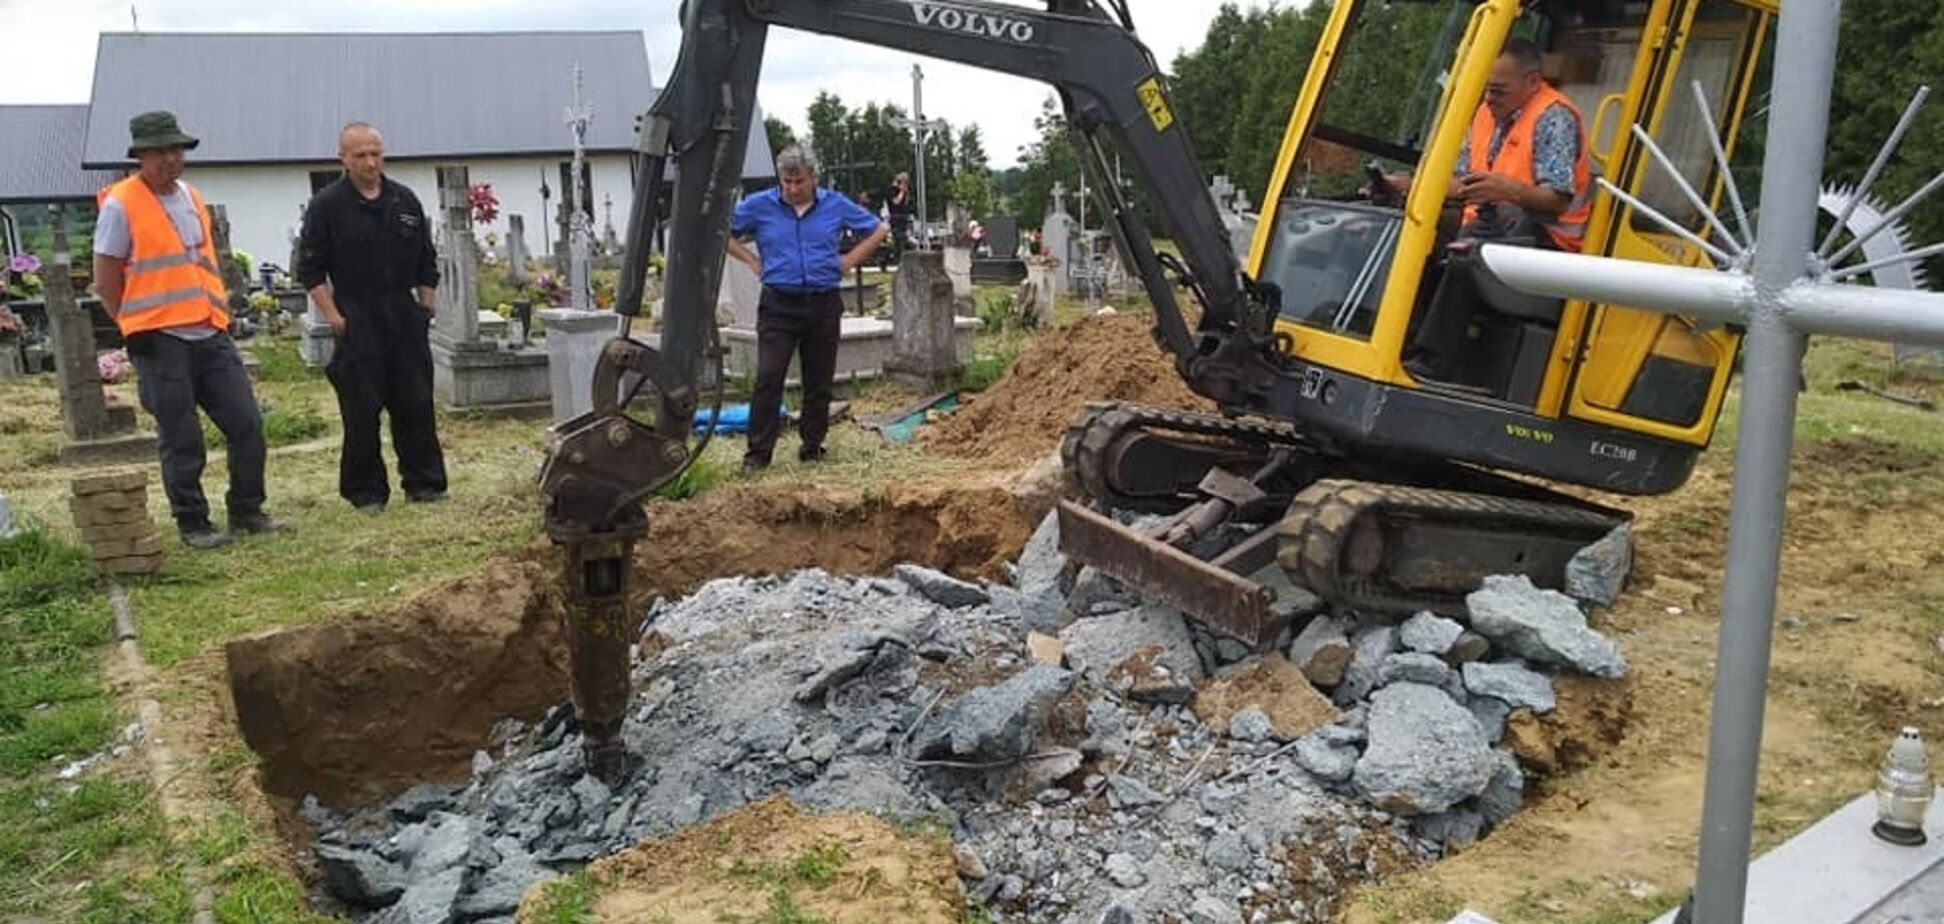 Польща розкопала могилу воїнів УПА: скандал отримав продовження